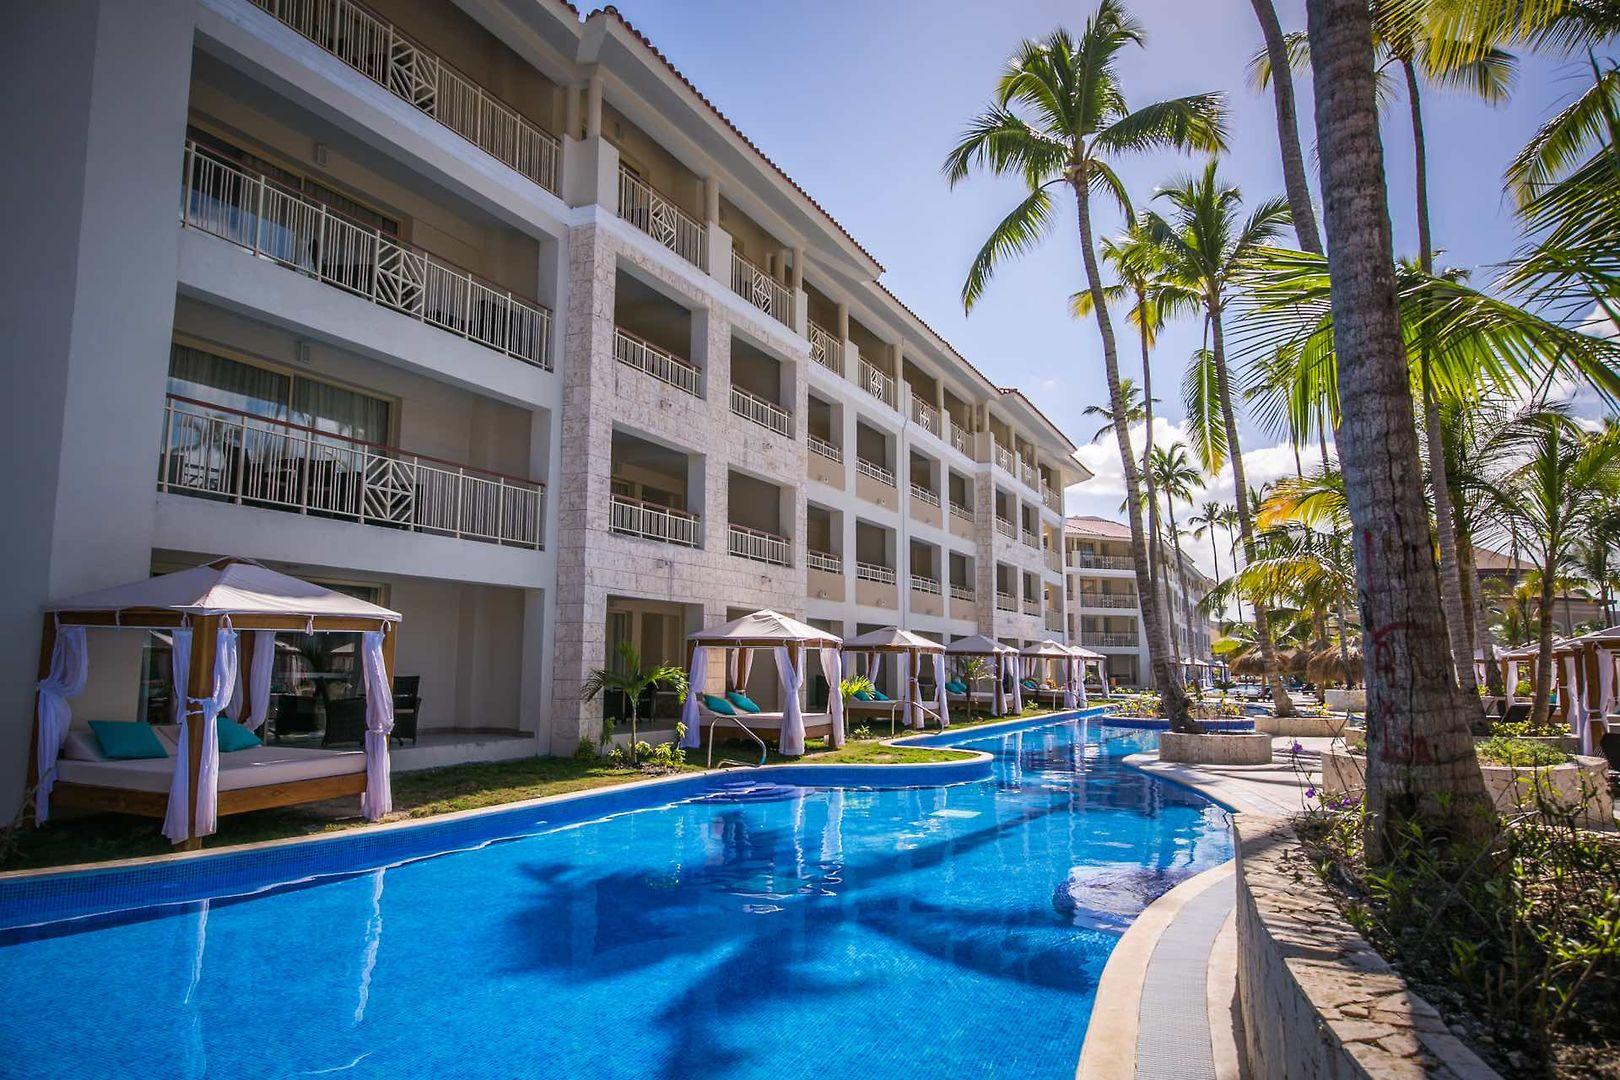 Majestic Mirage Punta Cana Resort - Dominikánská republika v srpnu - luxusní dovolená